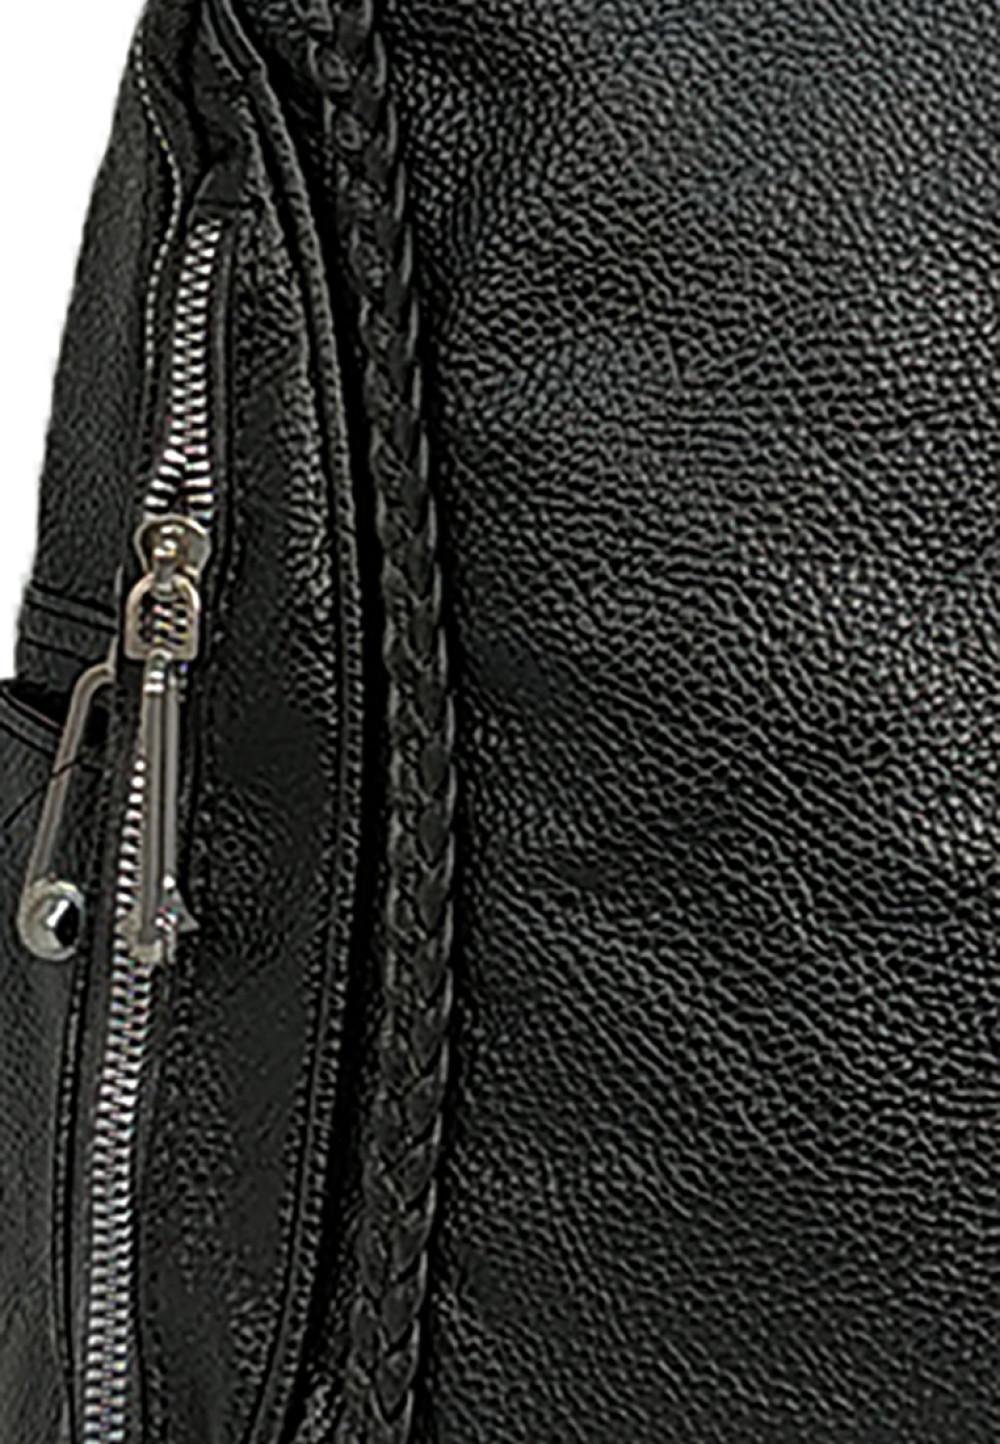 Catriona Devon Backpack Black Akina Top Handle Bag